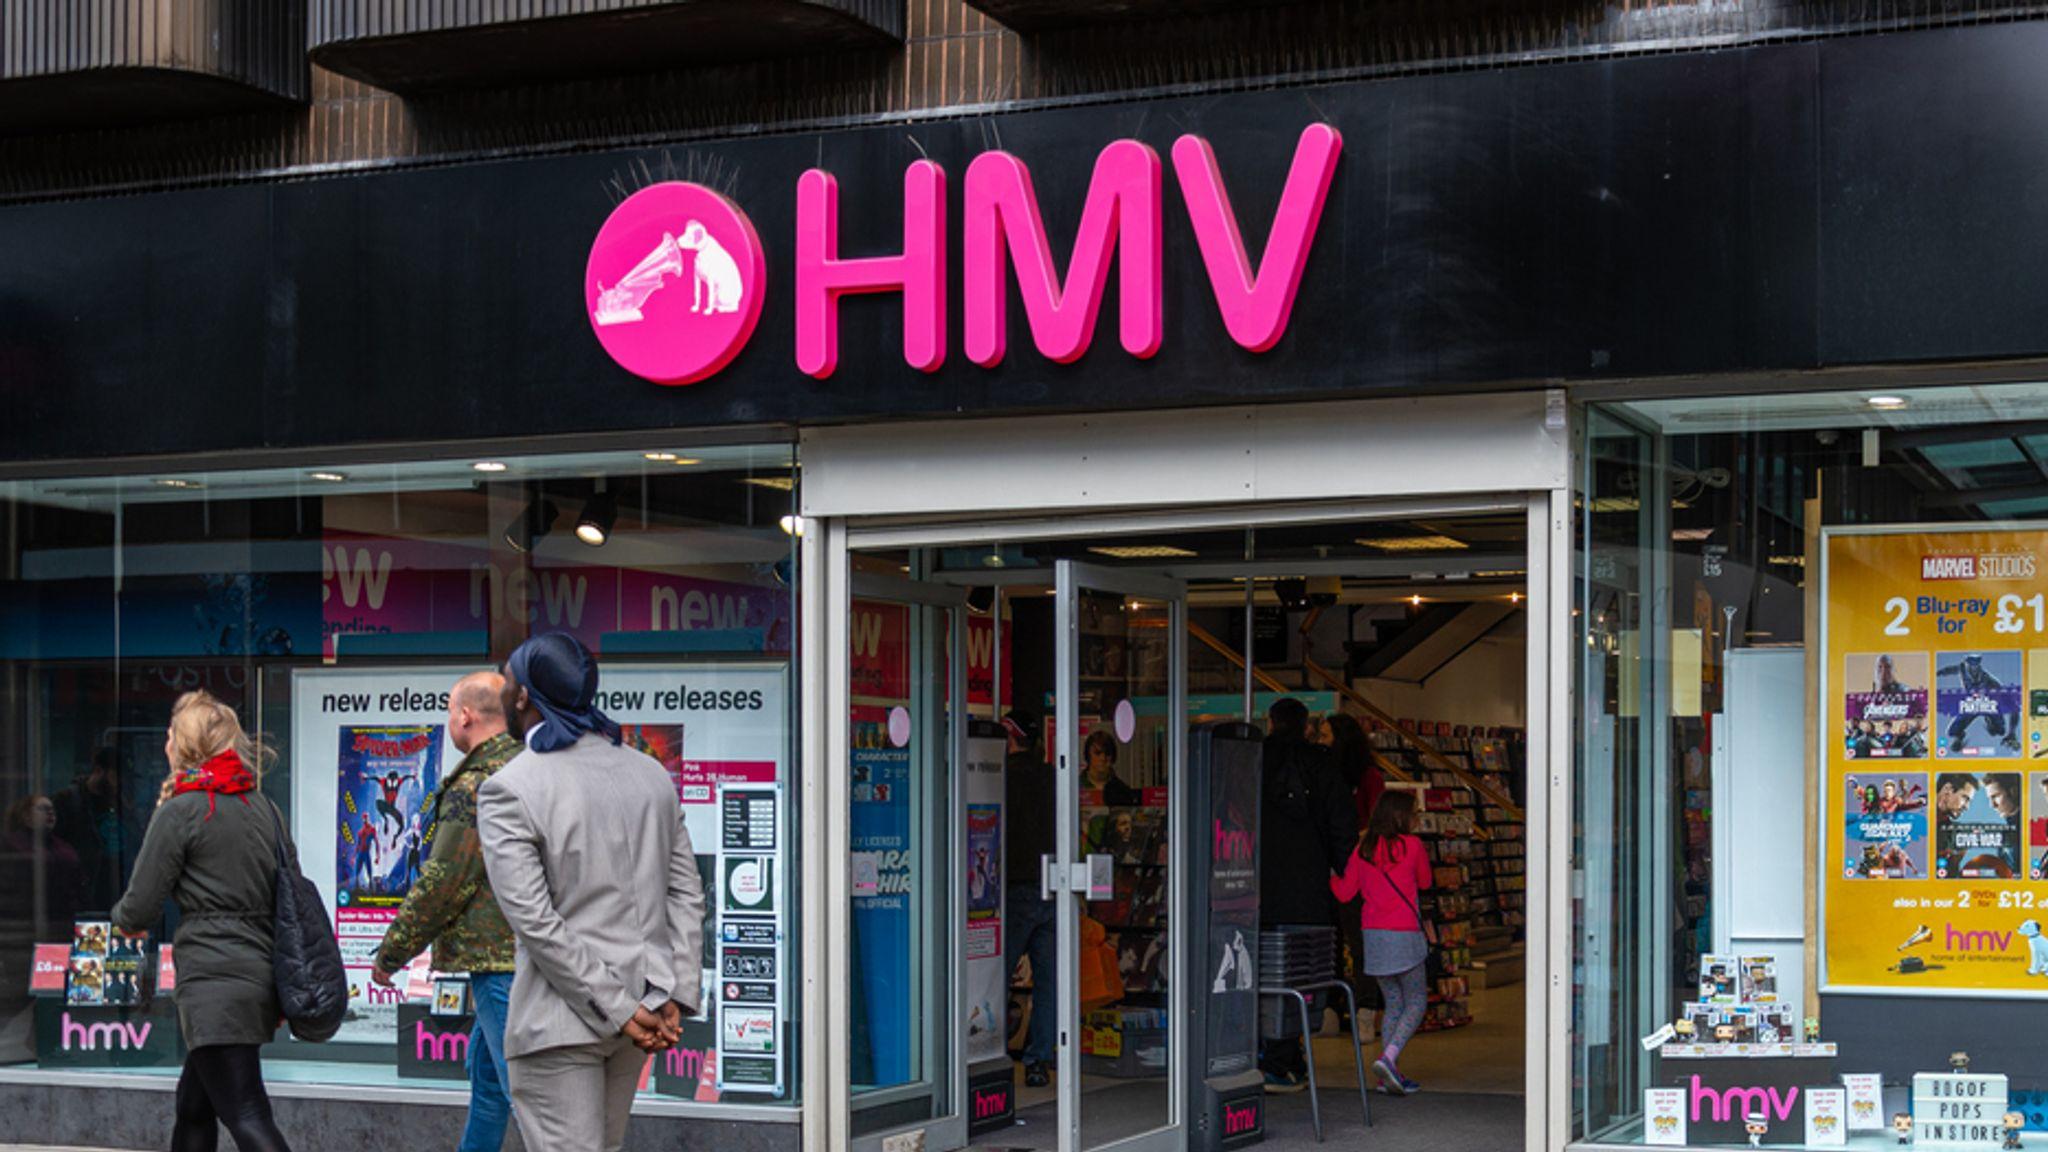 Hmv Category:HMV